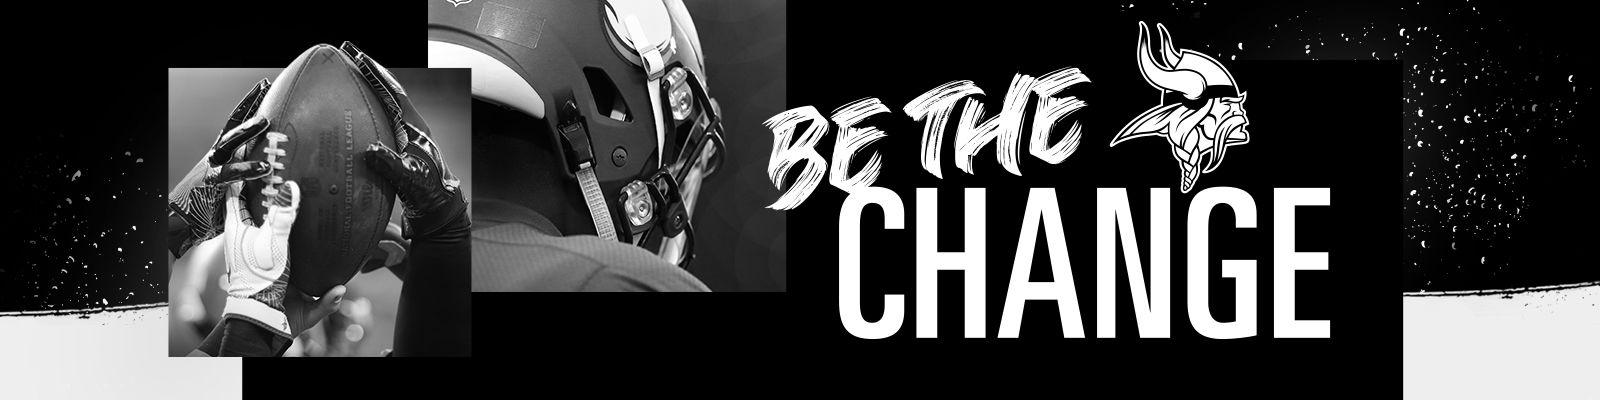 BetheChange_WebsiteHeader